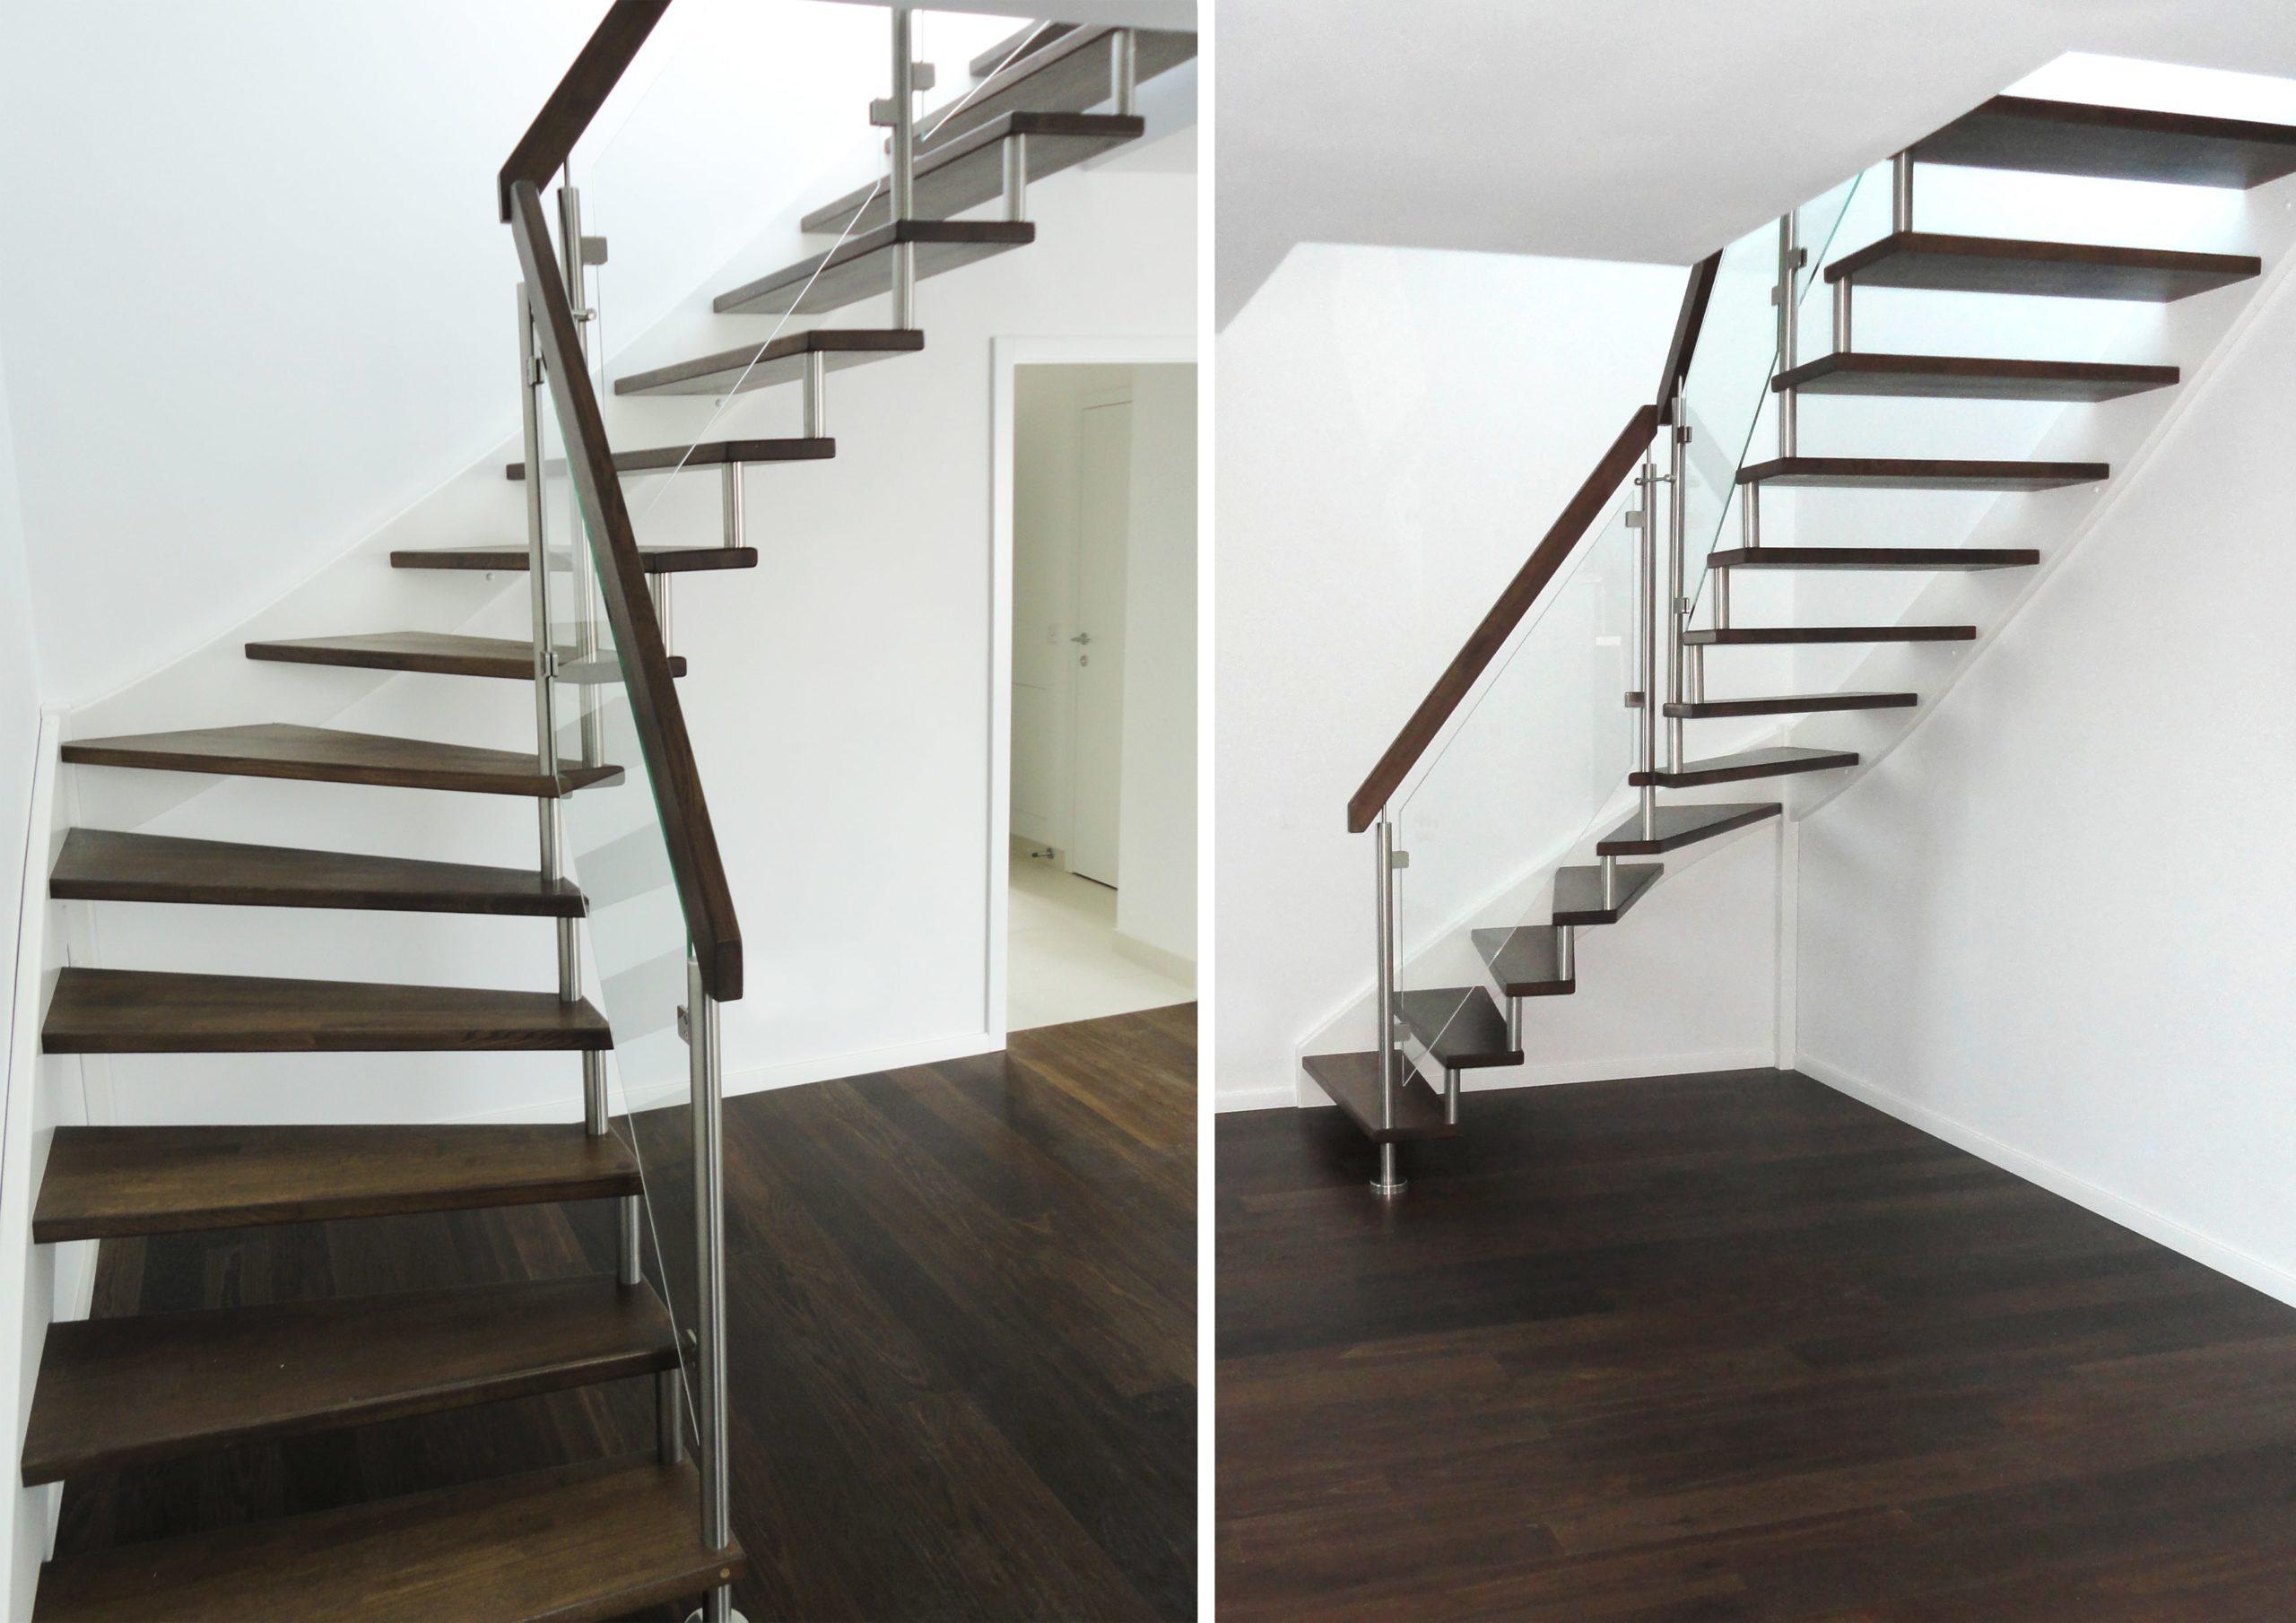 Marco Treppen Bolzentreppe Gebeizte Stufen-1